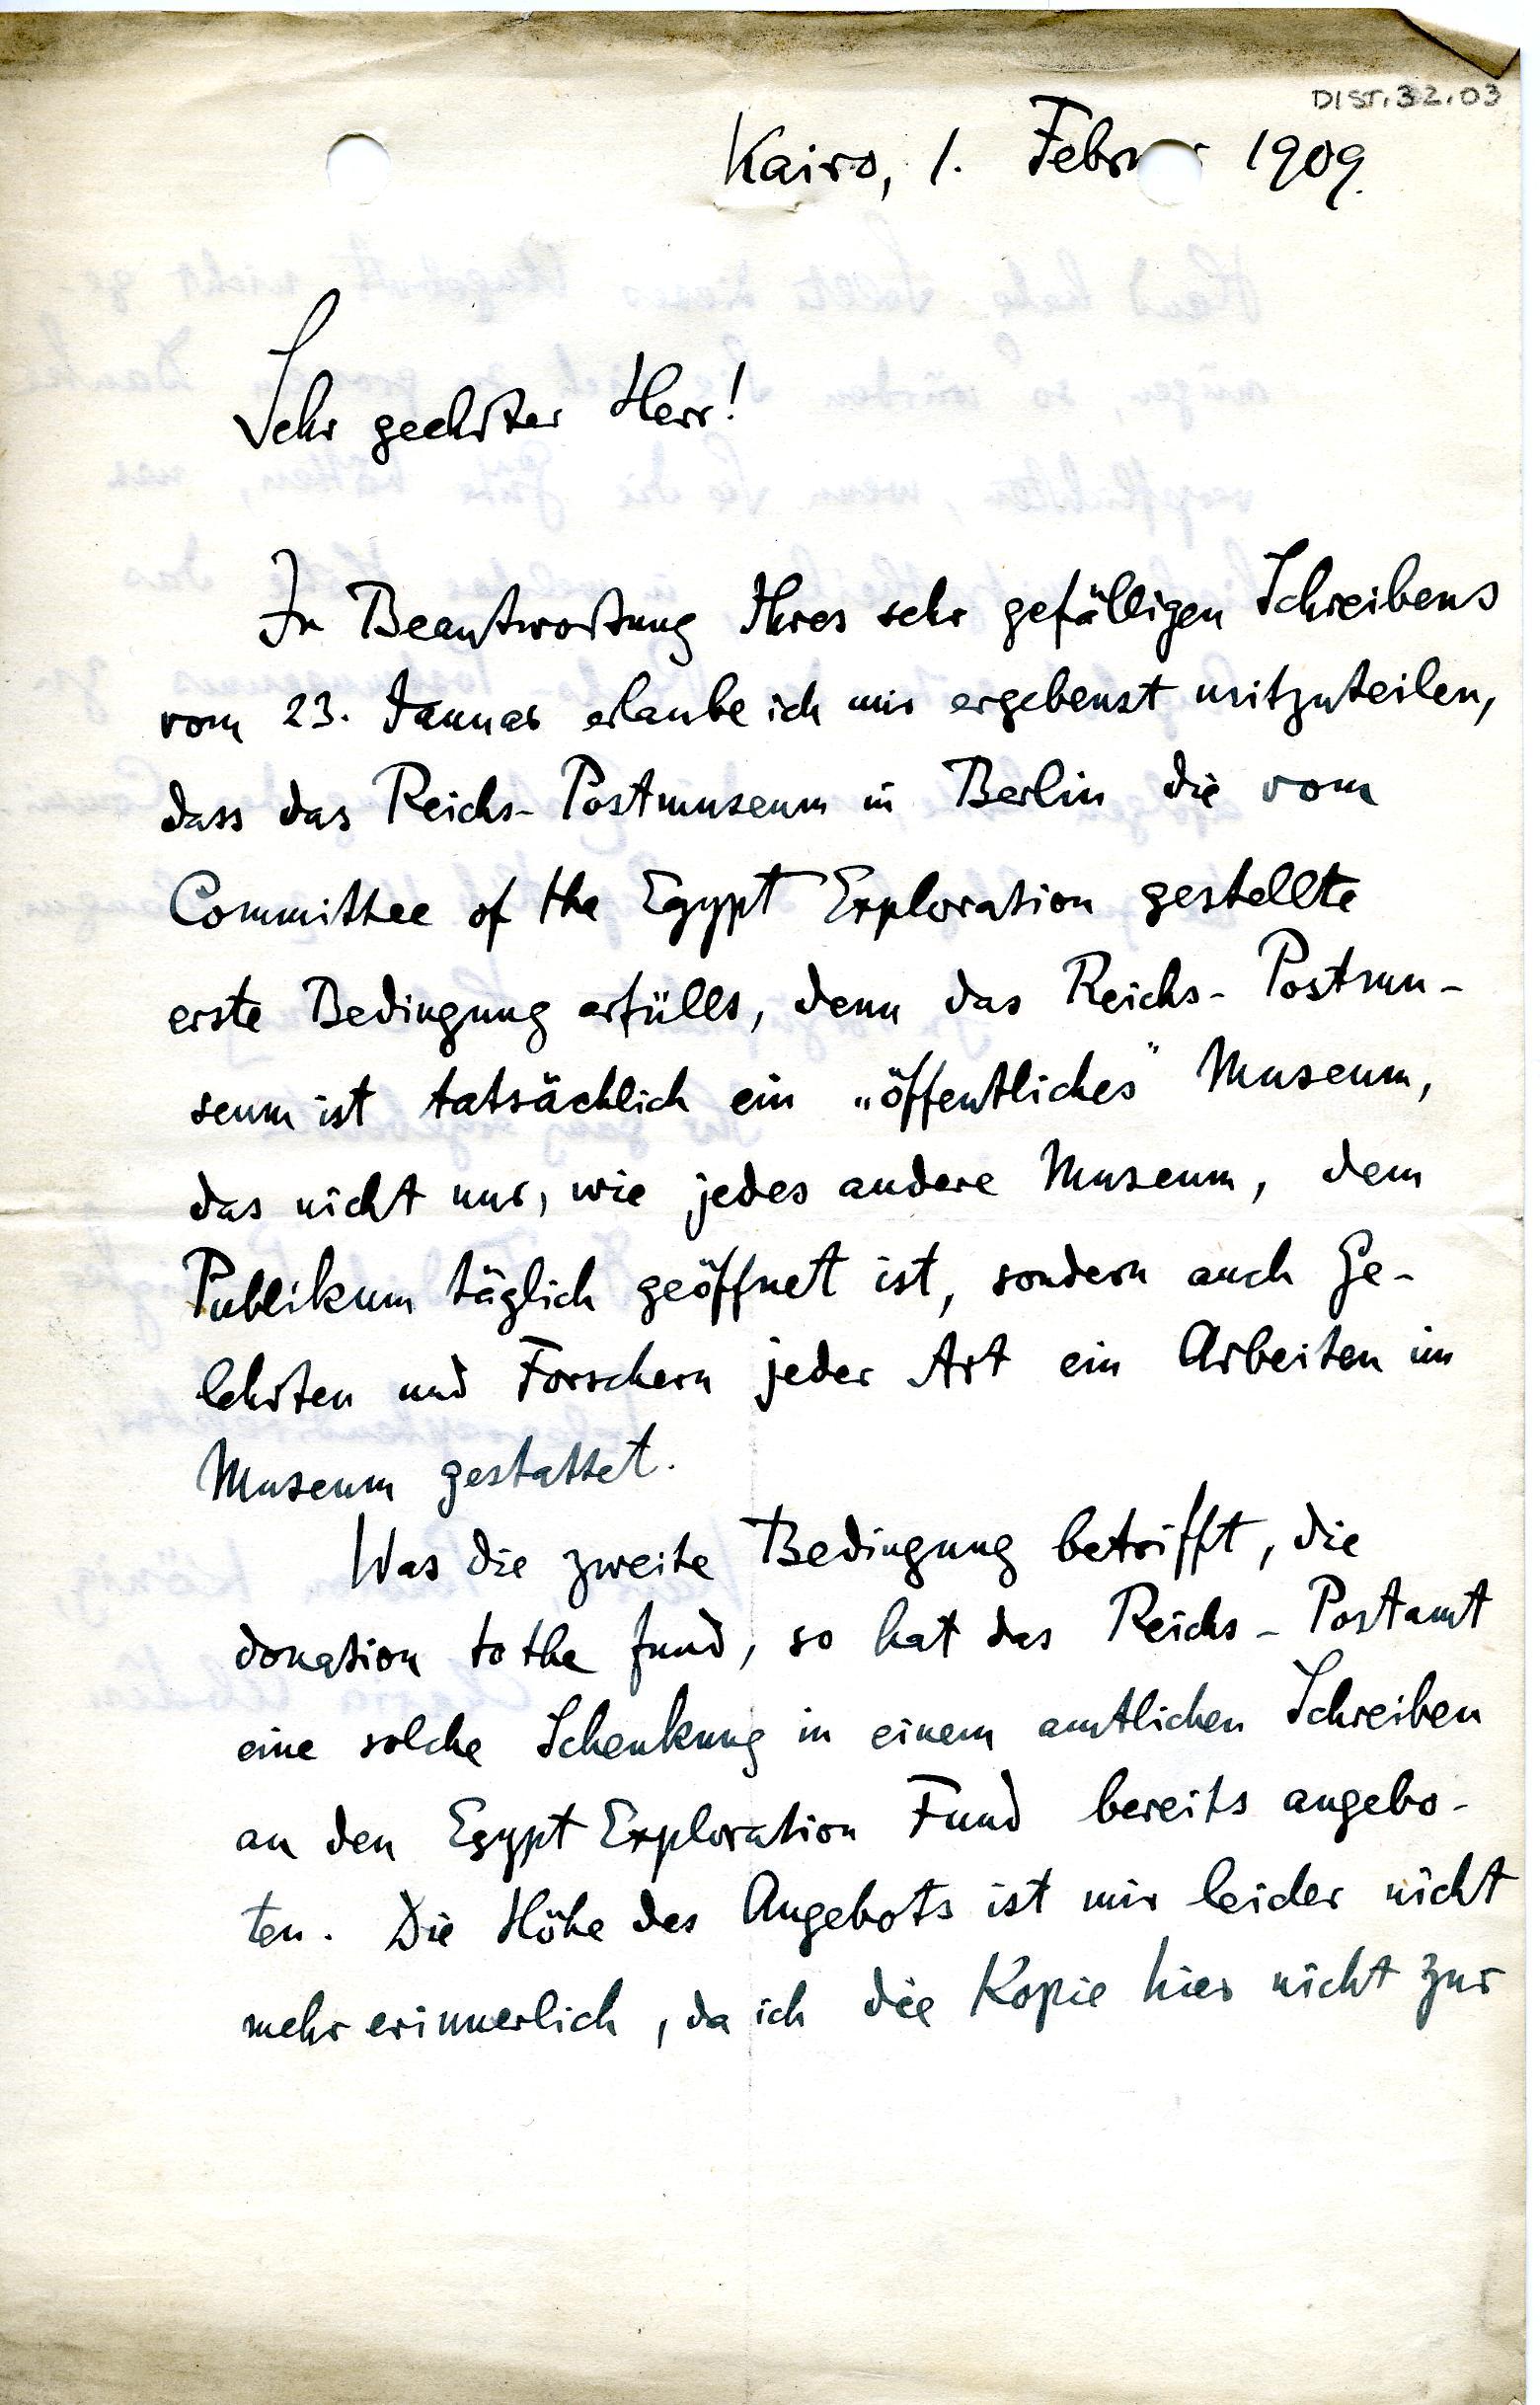 1908-13 Papyri DIST.32.03a